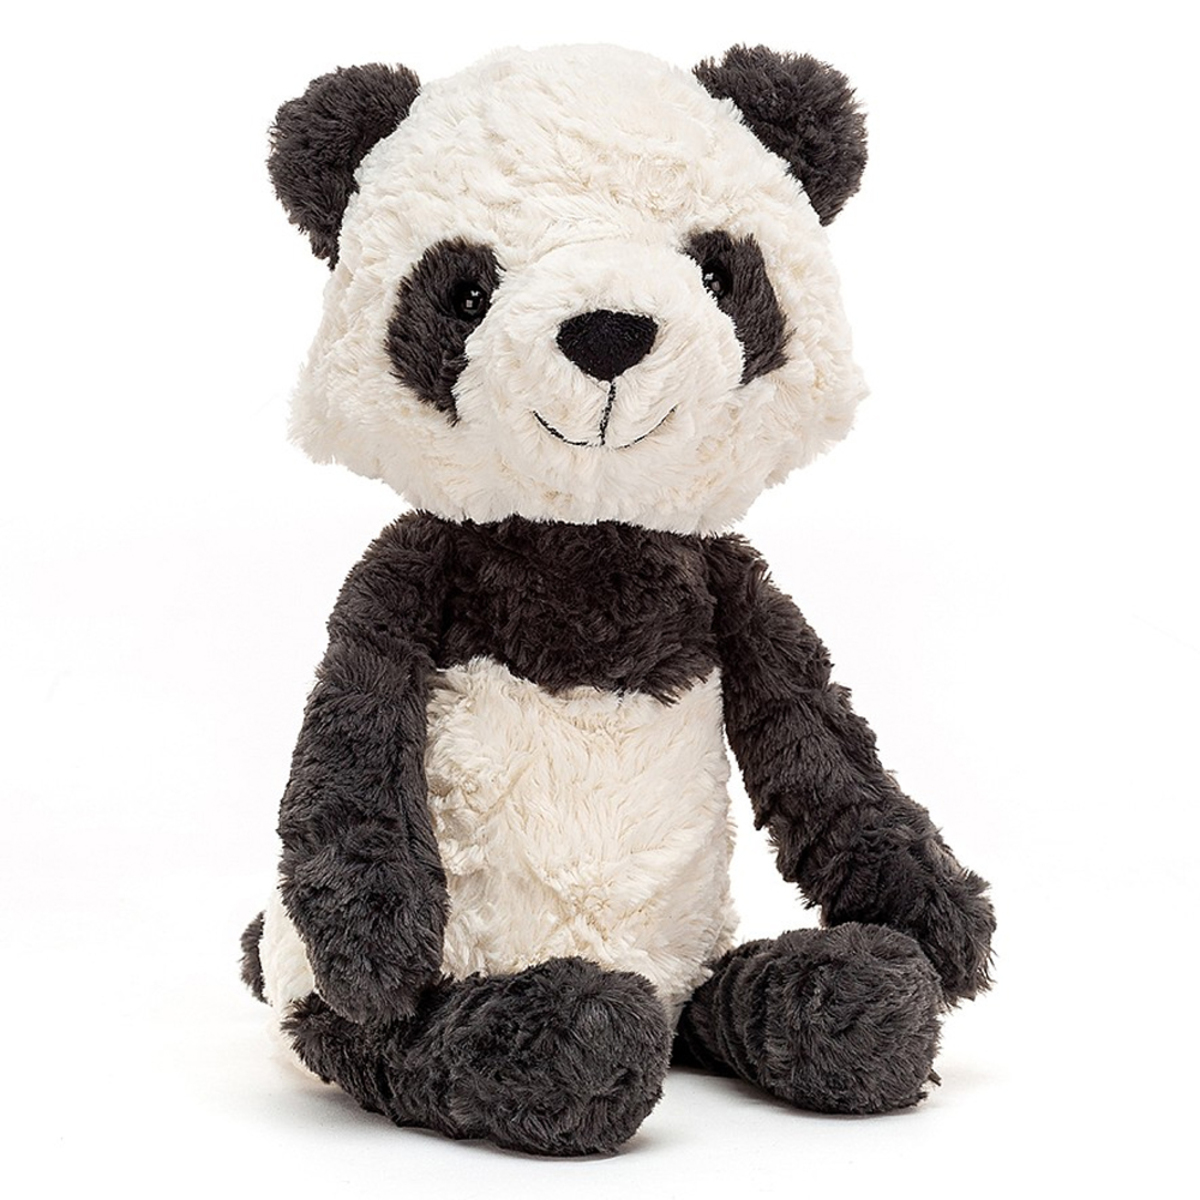 Peluche Tuffet Panda - Medium Peluche Panda 31 cm